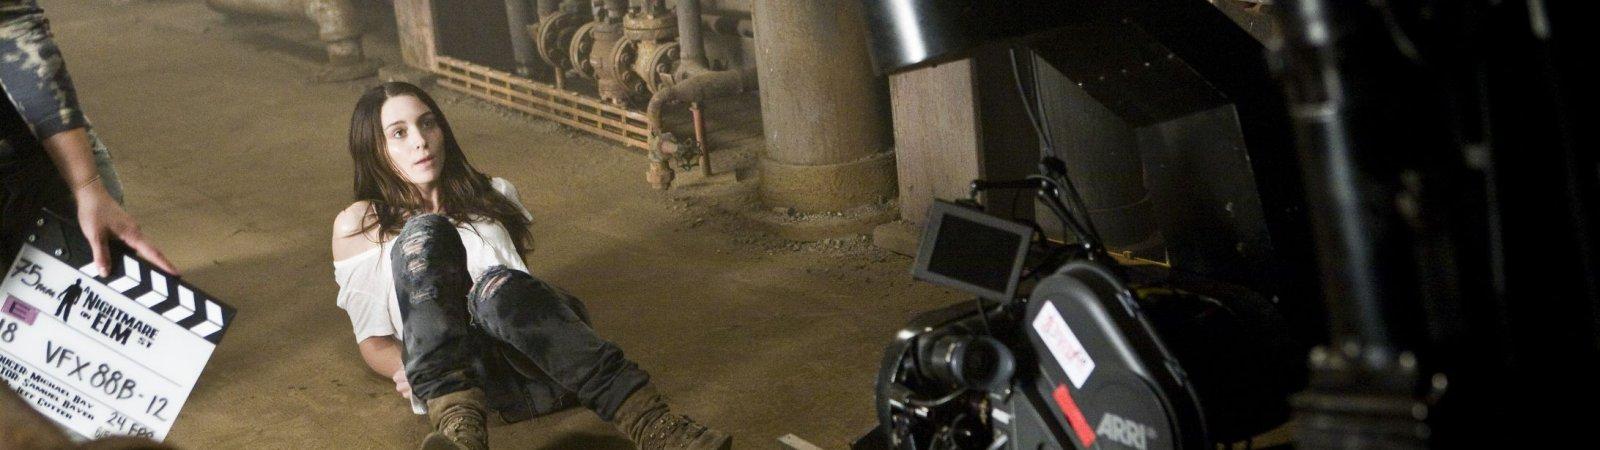 Photo dernier film Robert Englund